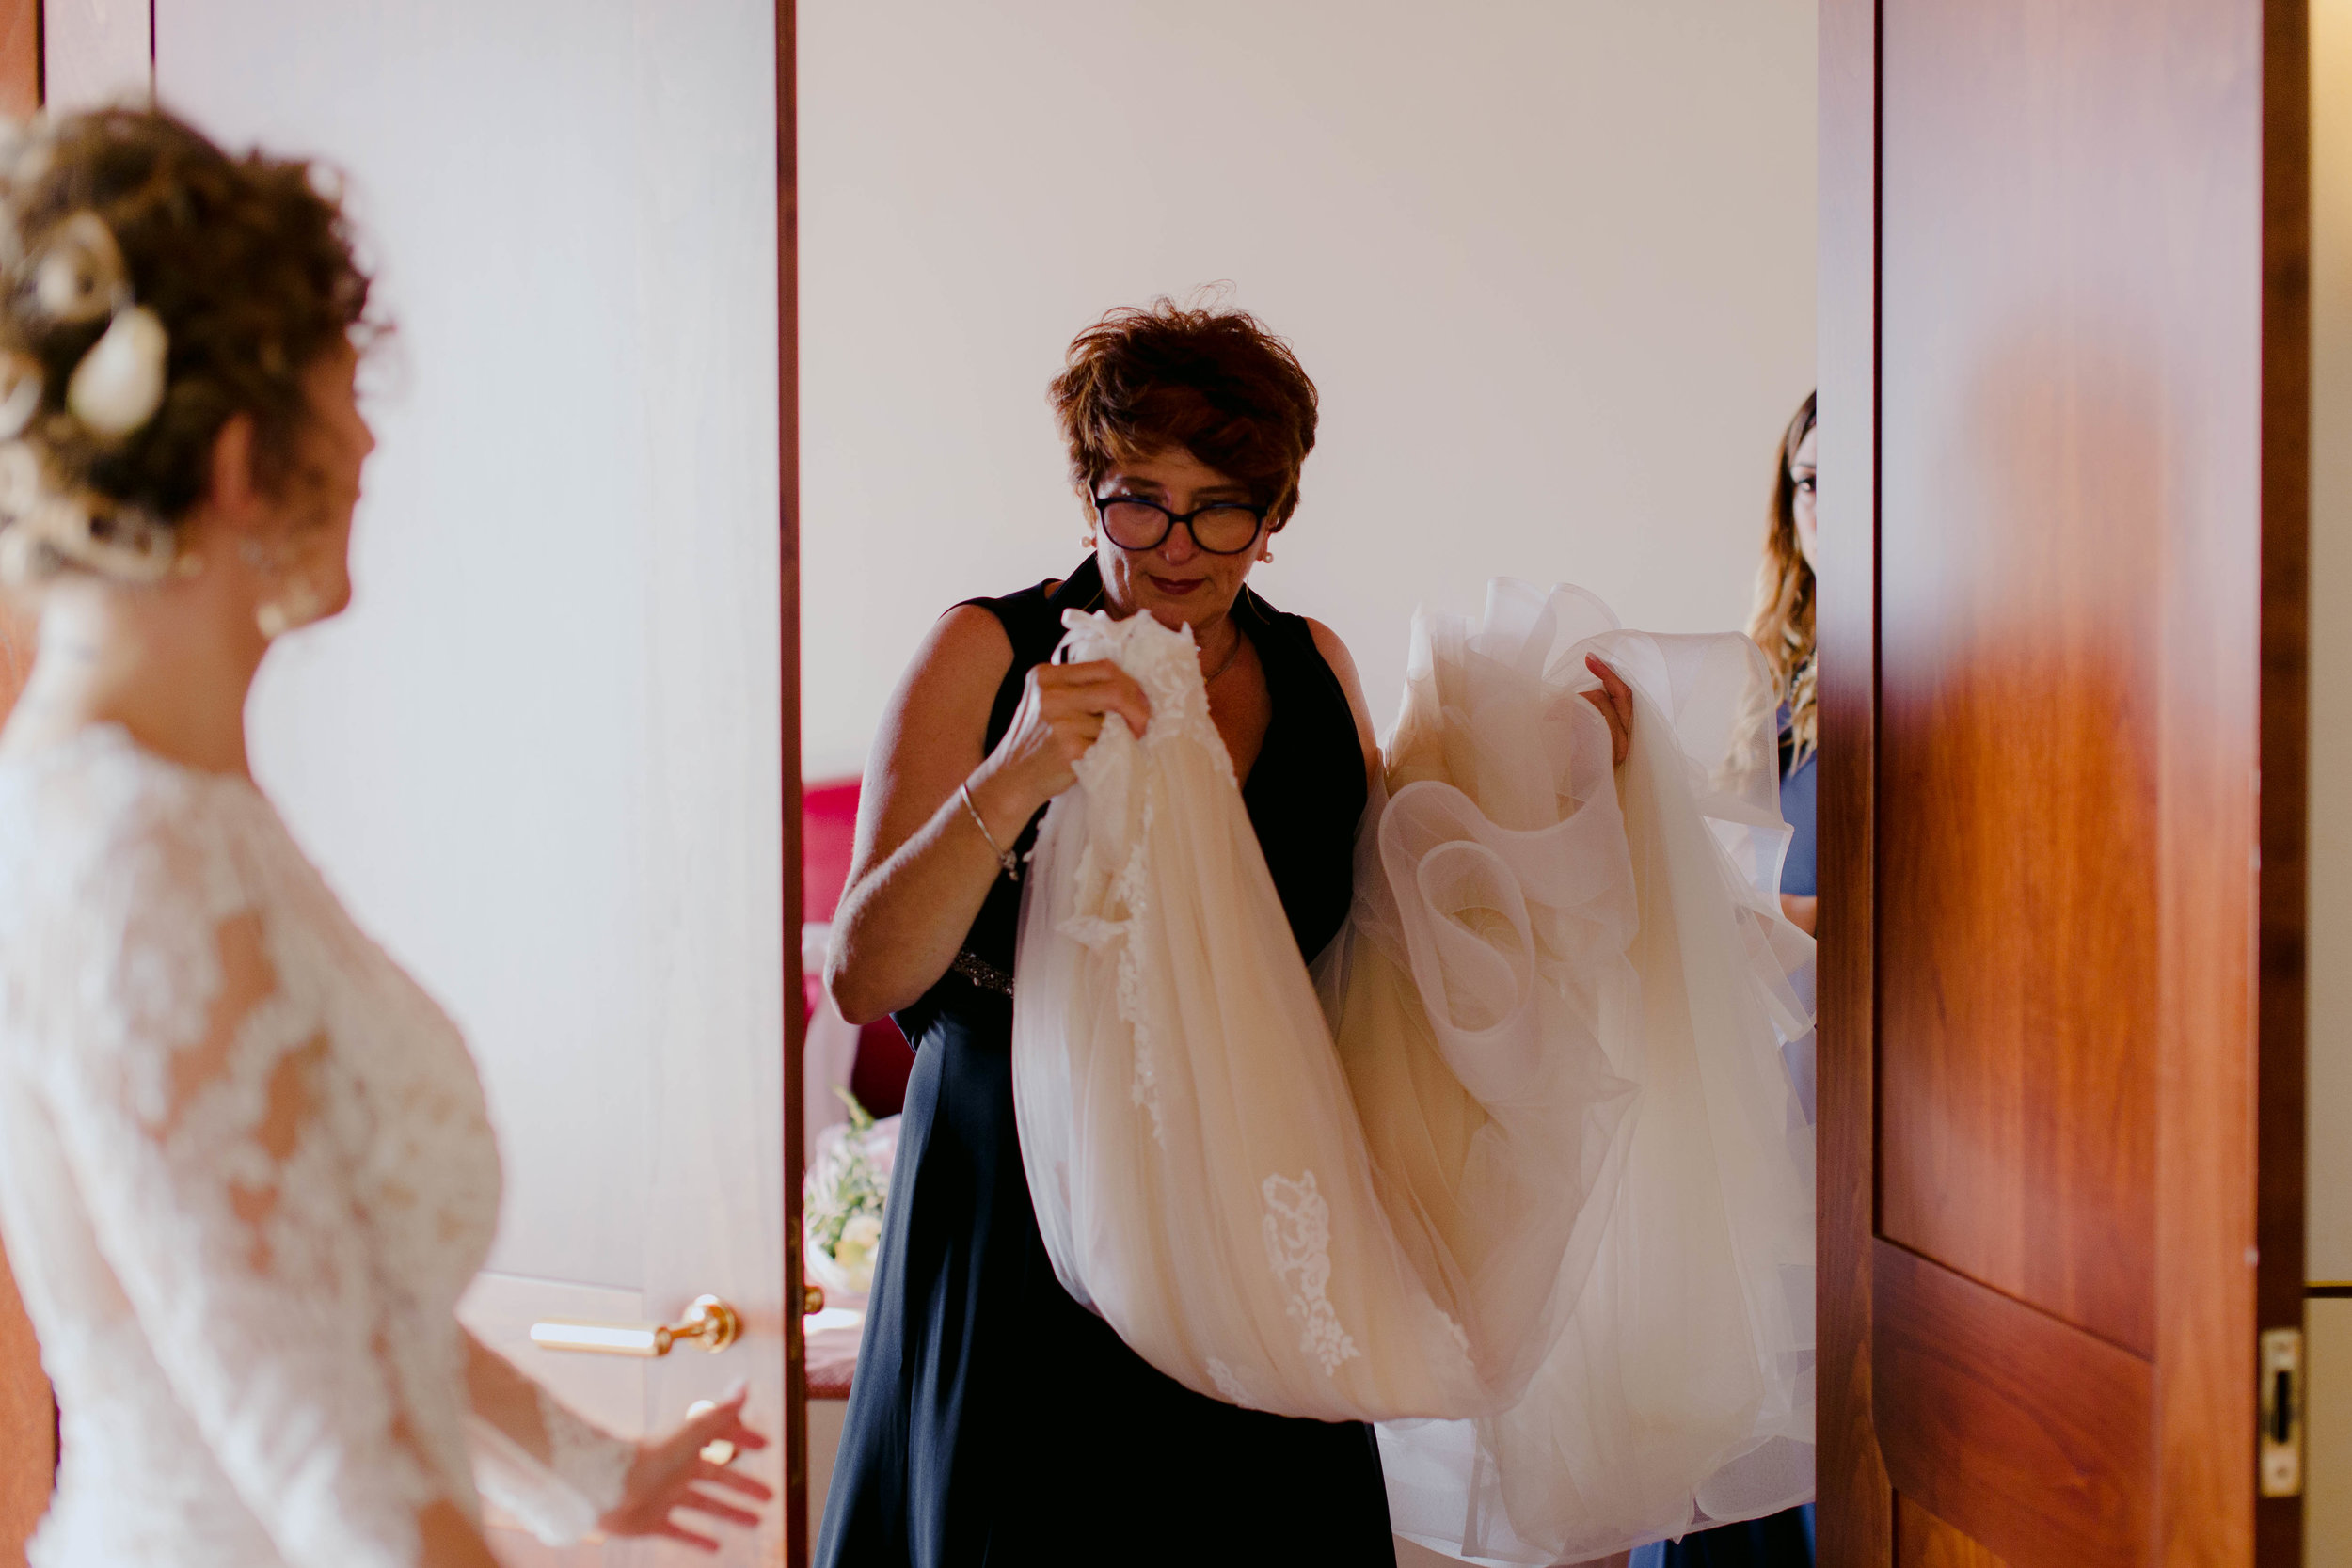 020 - Preparazione sposa.JPG